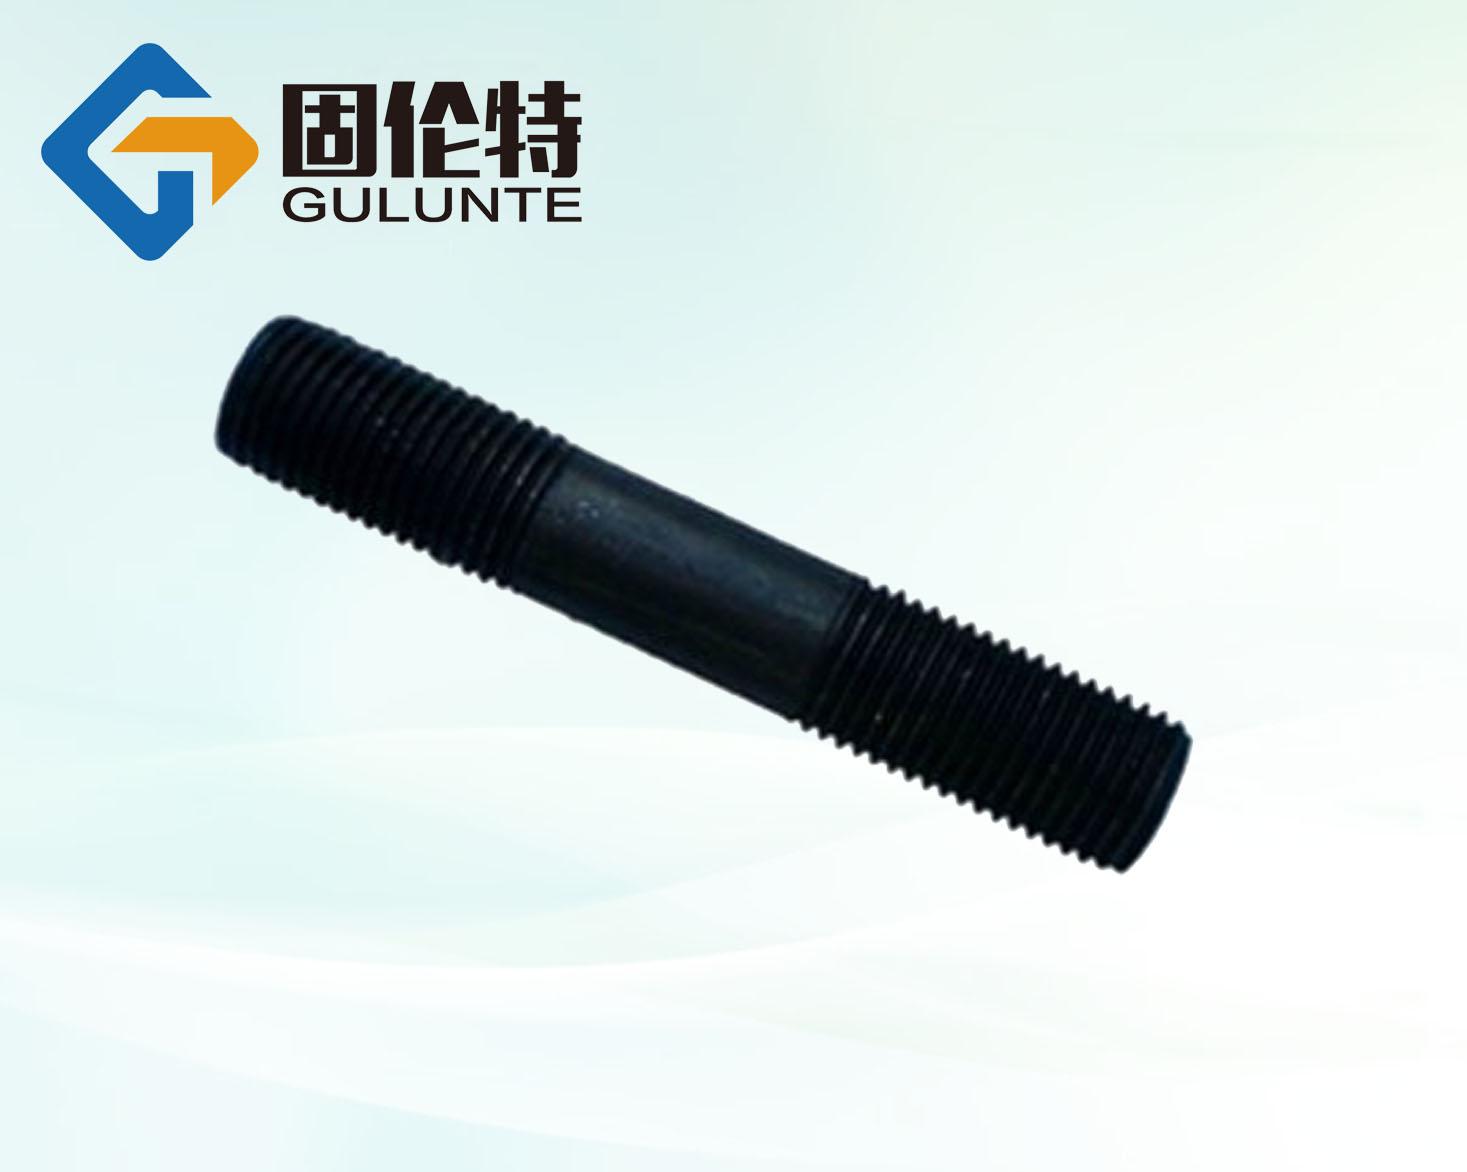 石化专用防腐双头螺栓厂家,耐高温高压双头螺栓价格,35CrMoA双头螺栓标准